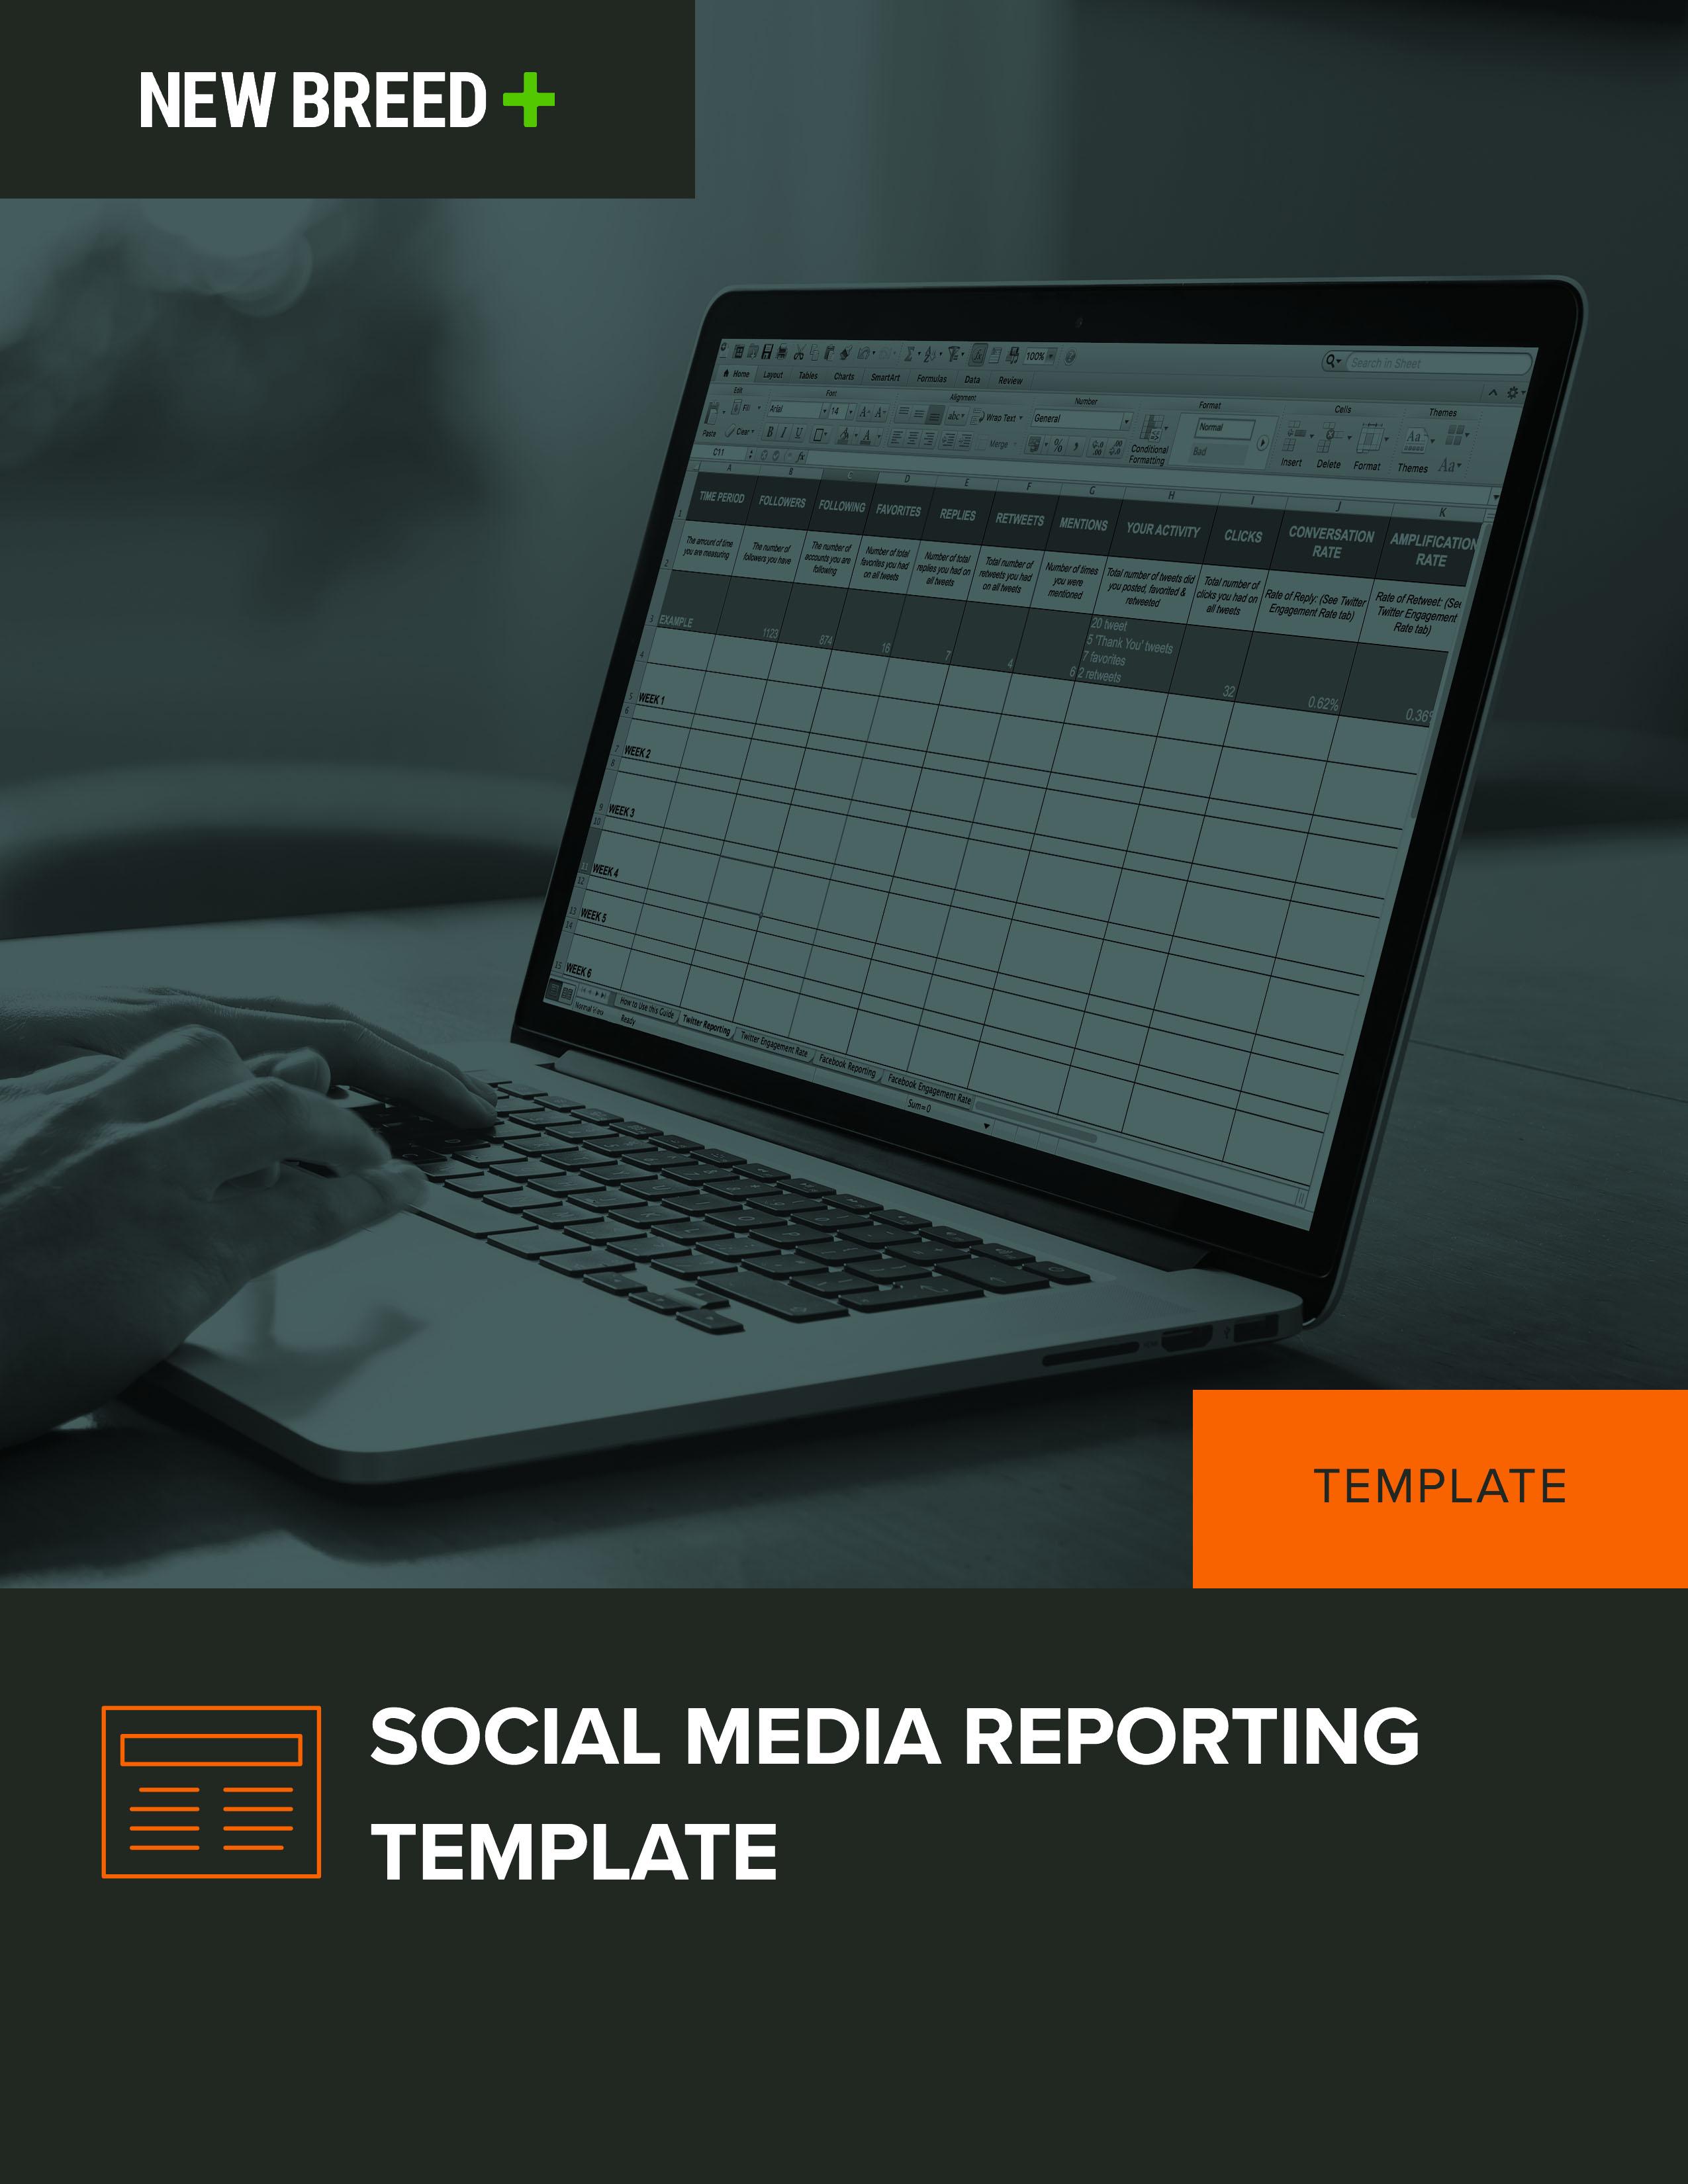 social media reporting template.jpg